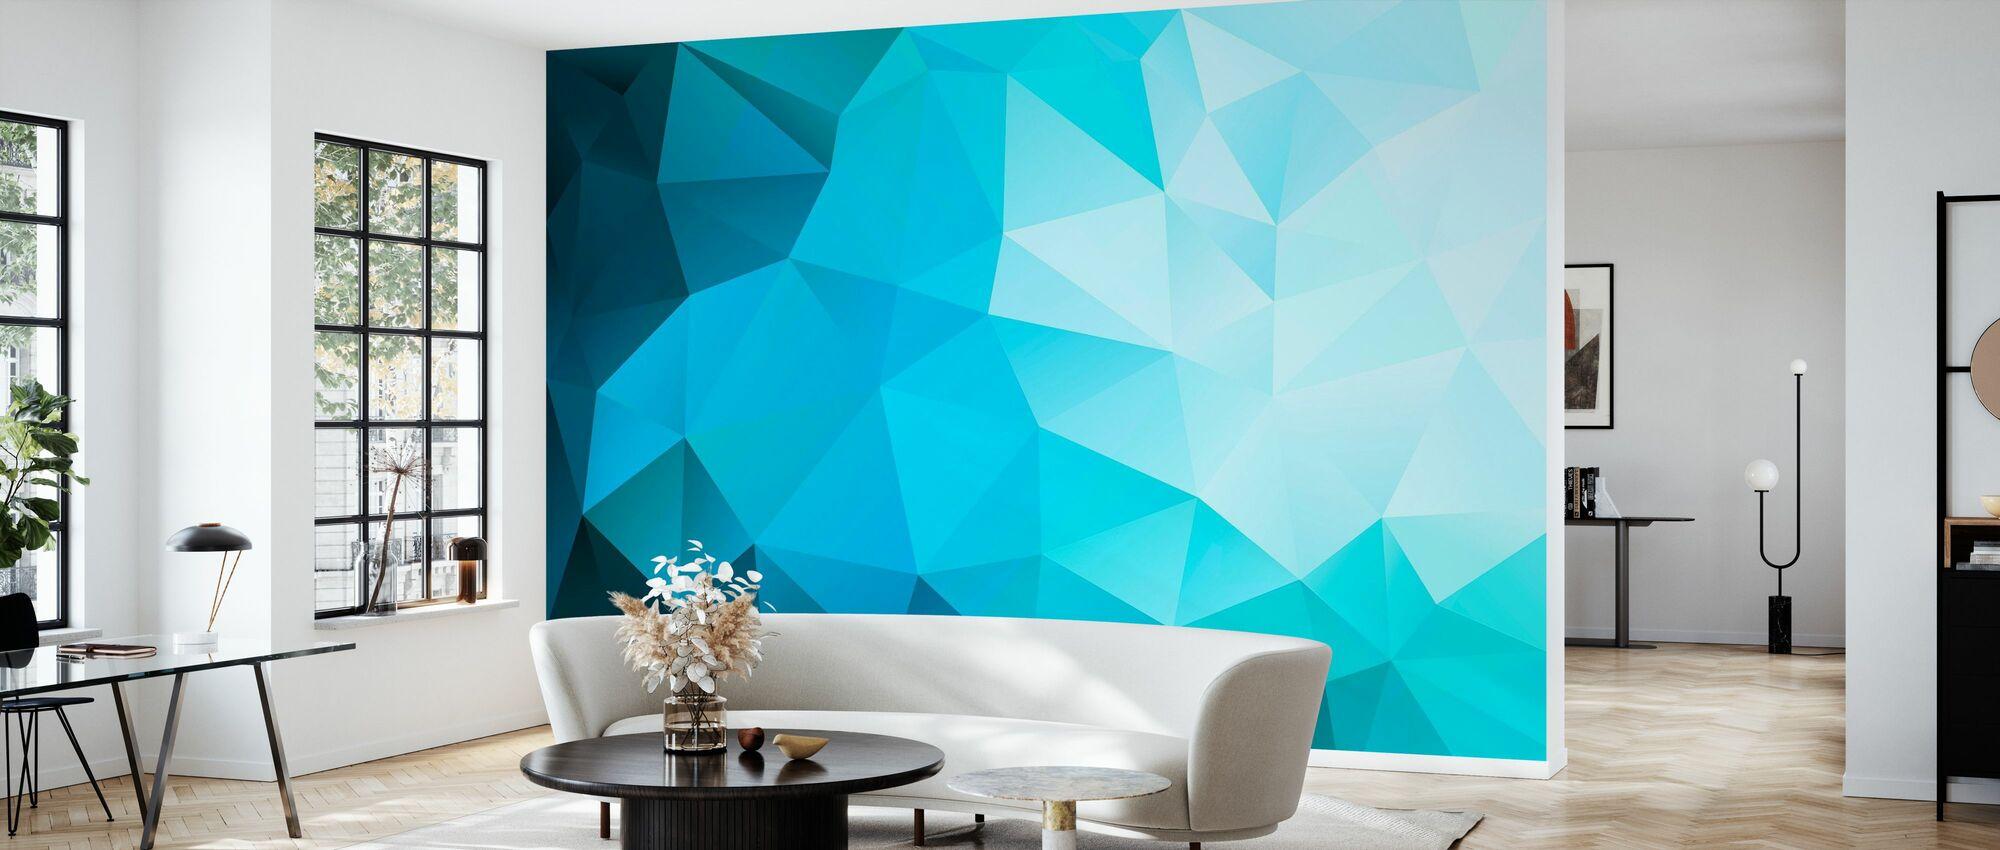 Poligonal azul - Papel pintado - Salón